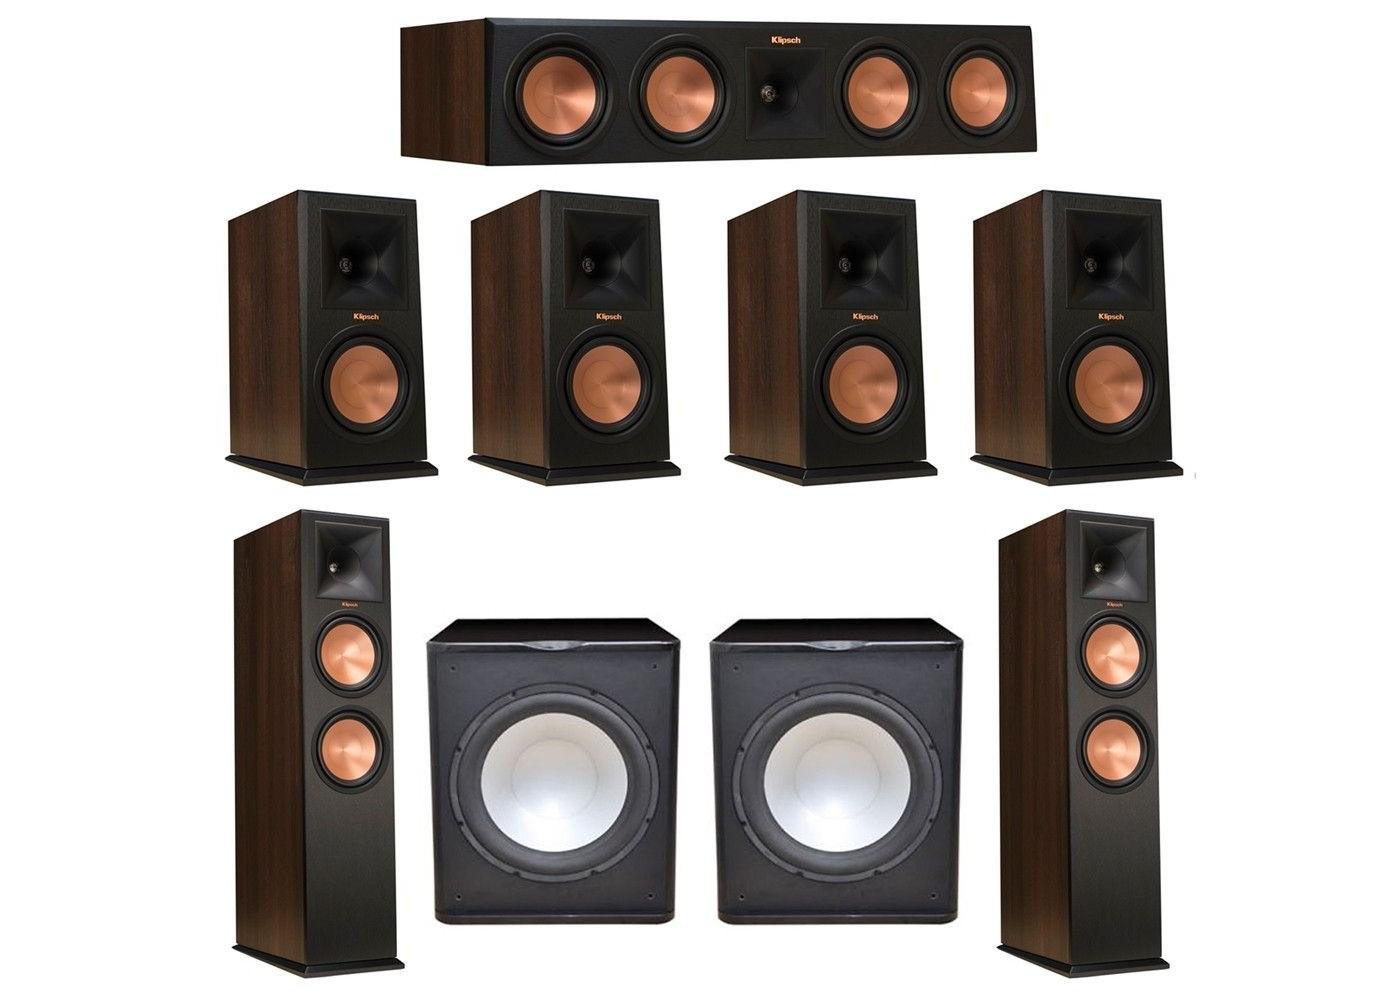 Klipsch 72 Walnut System With 2 RP 280F Tower Speakers 1 450C Center Speaker